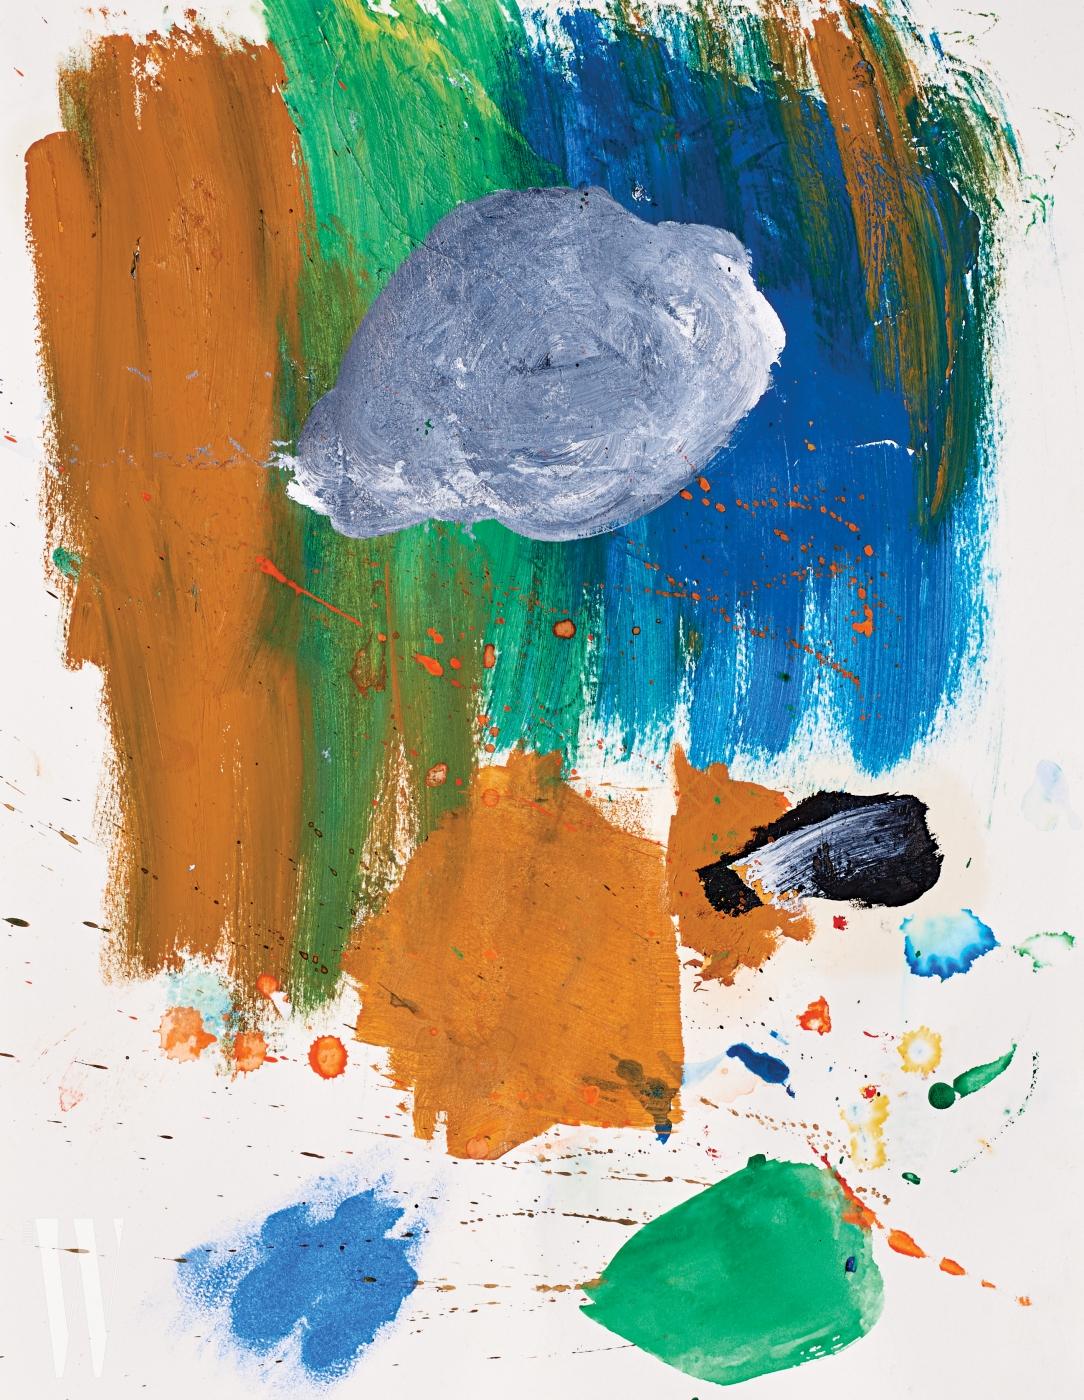 추상적인 형태와 붓 터치가 놀라우리 만큼 감성적인 그림은 타블로 강혜정의 딸 이하루(8세) 양의 작품.